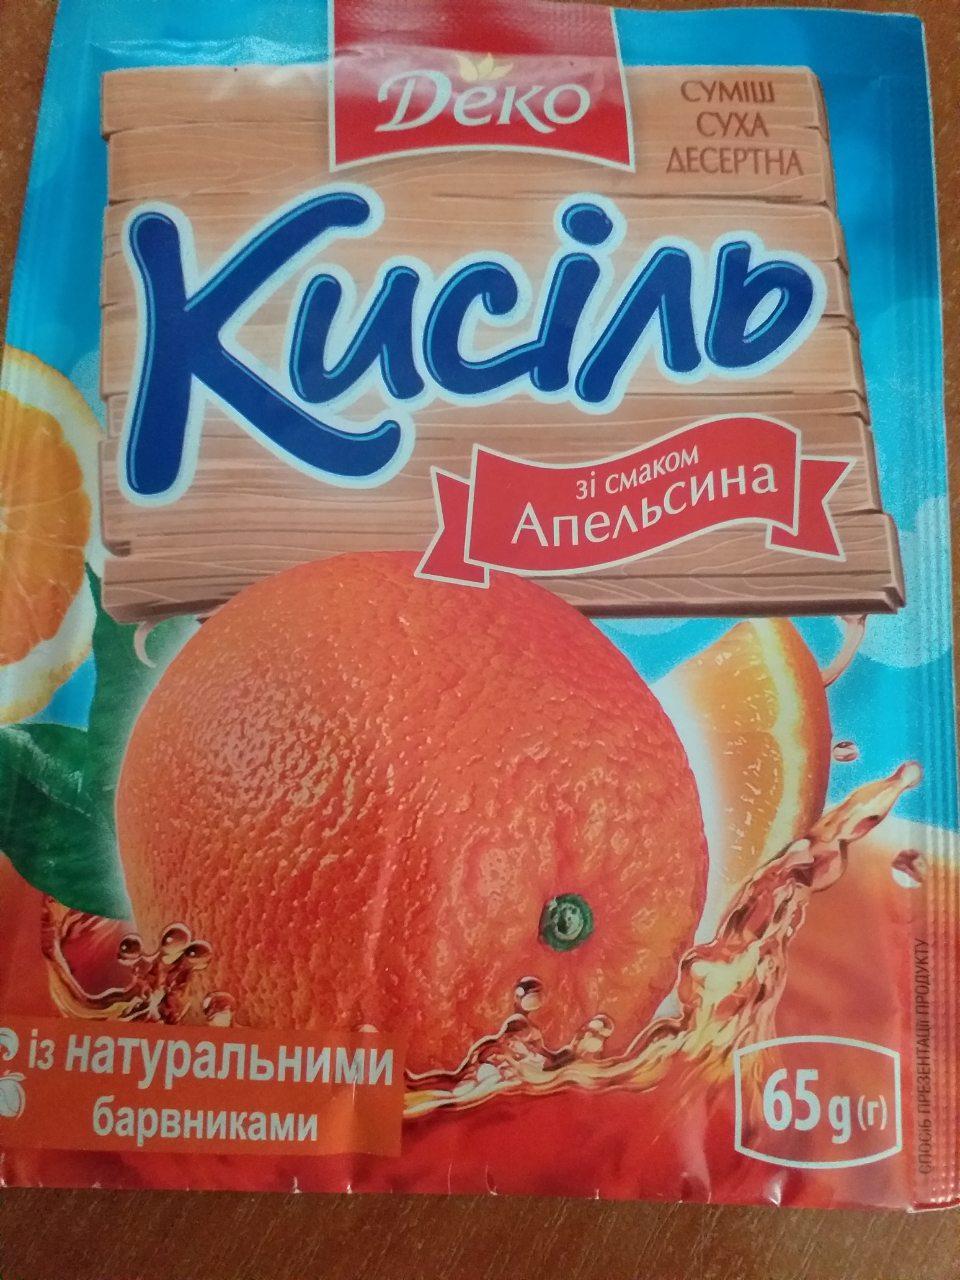 Кисель вкус апельсина 65 грамм